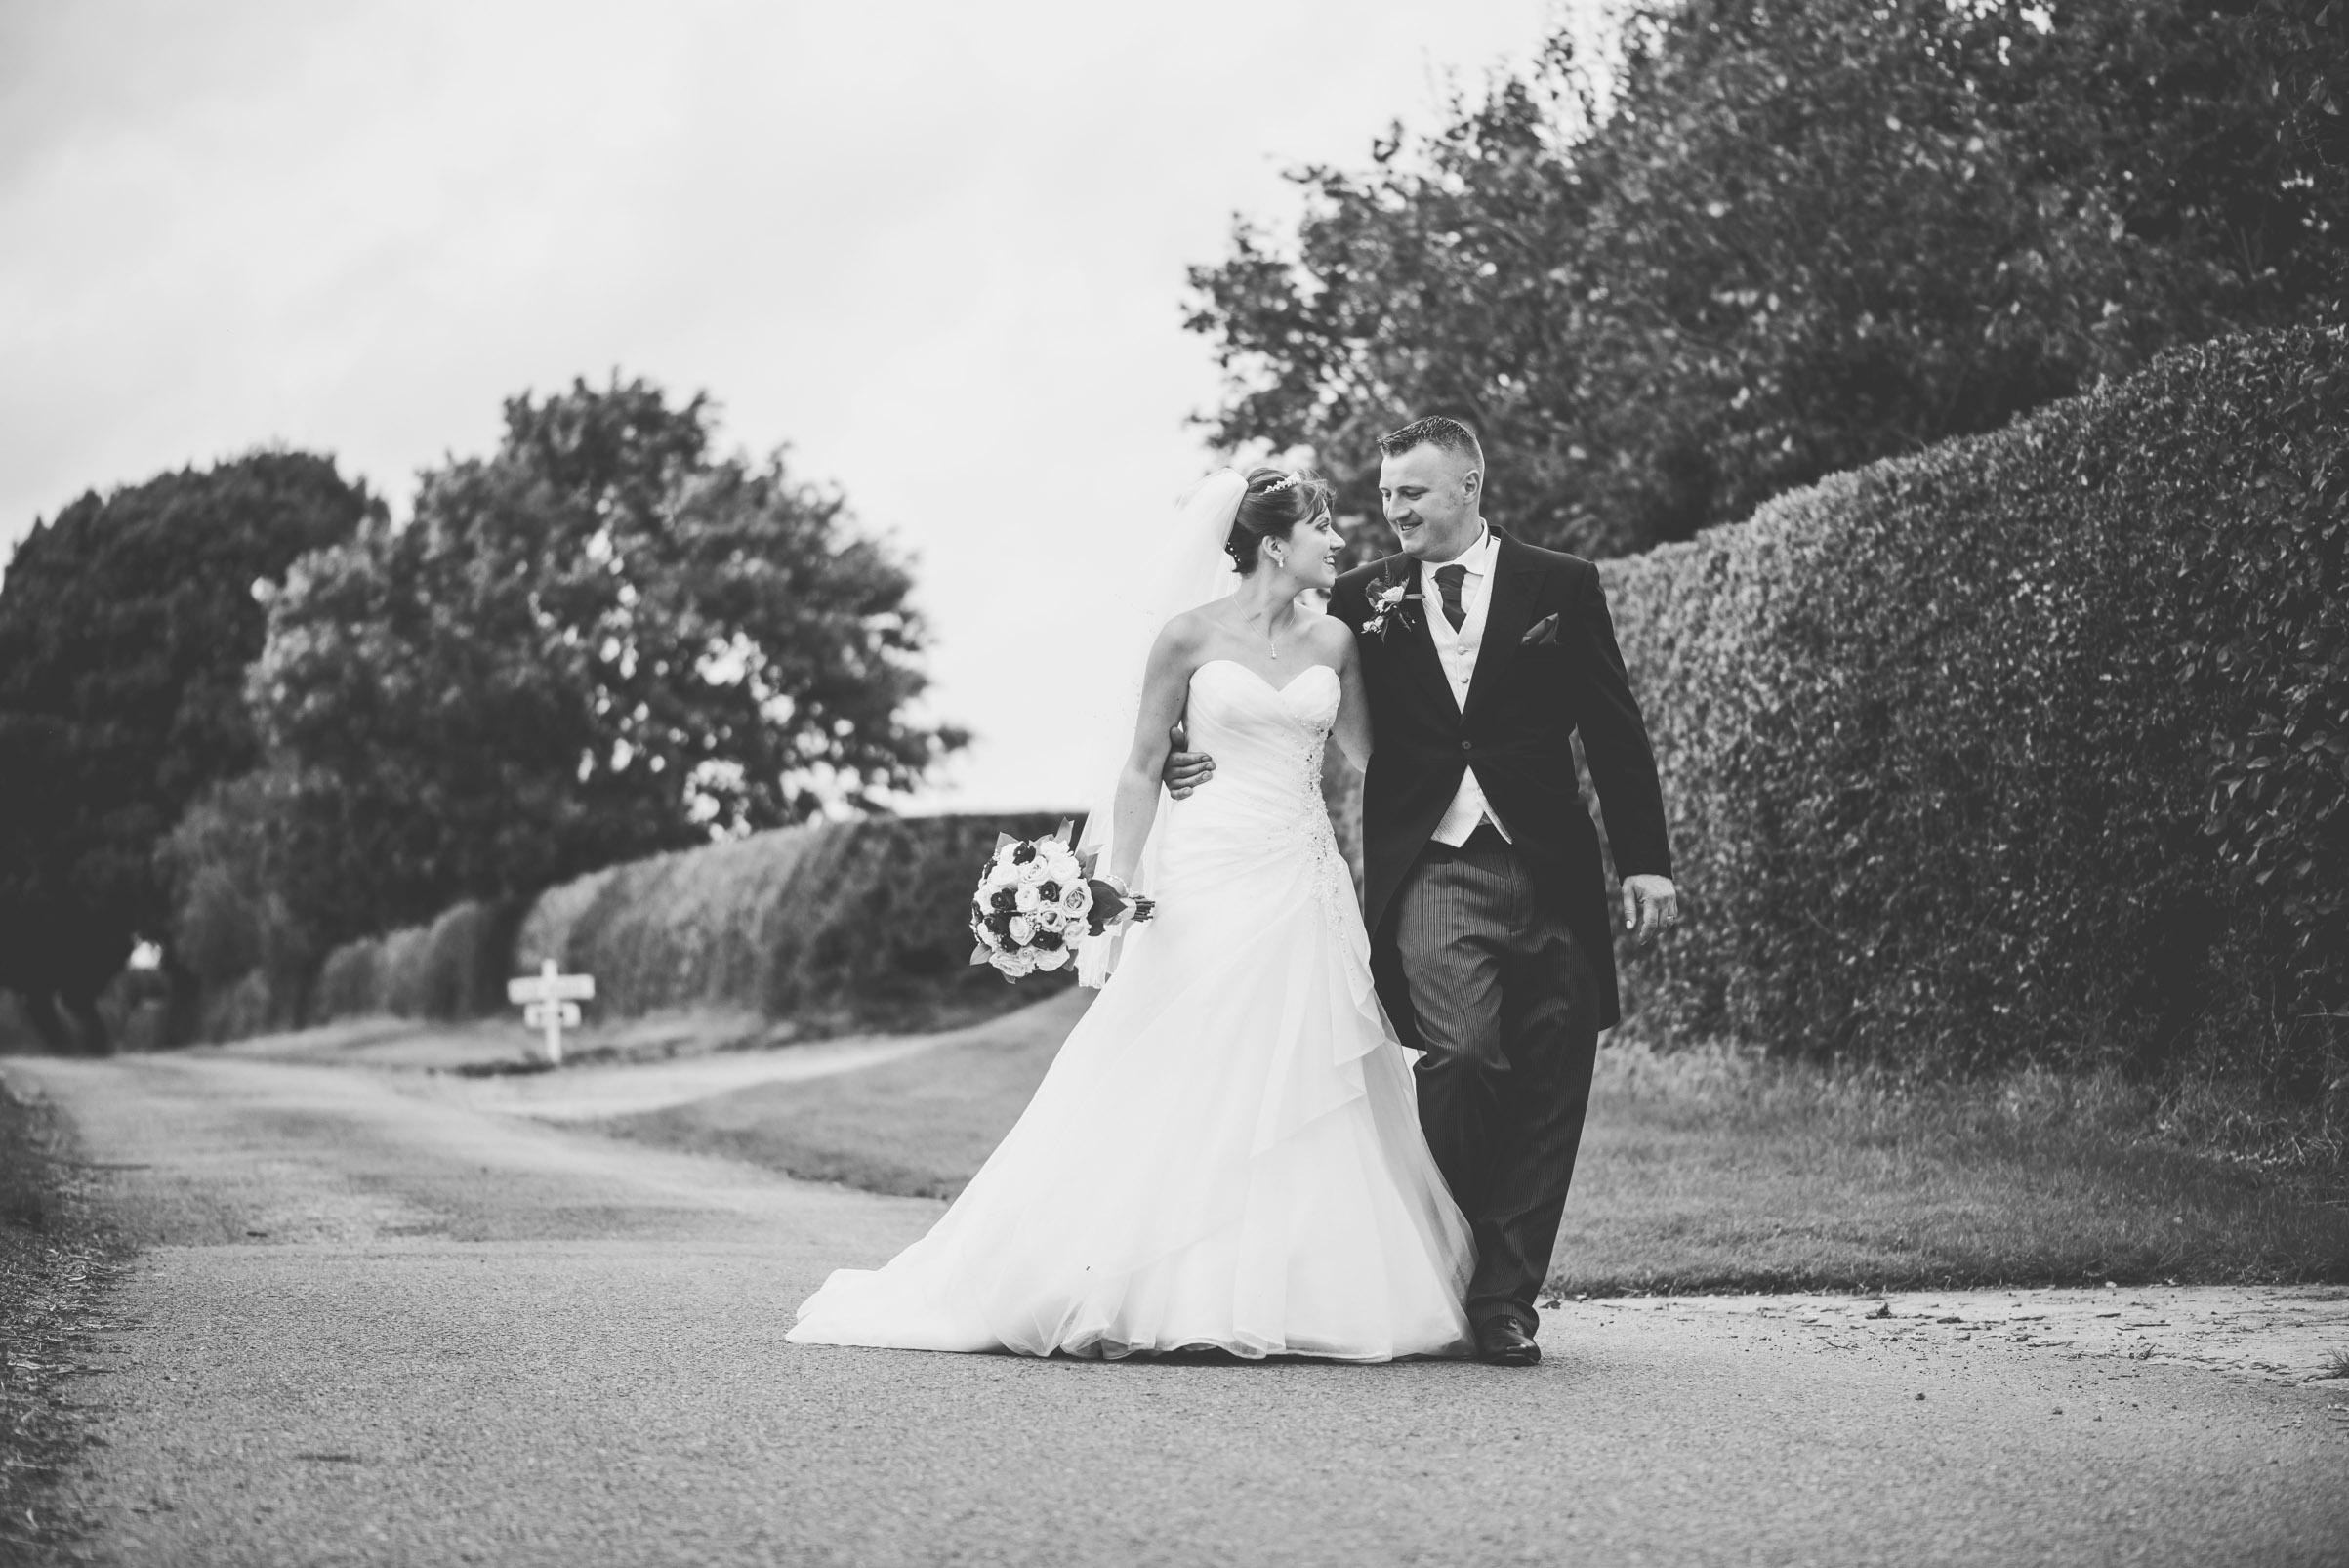 Farm-wedding-staffordshire-st-marys-catholic-church-uttoxter-73.jpg